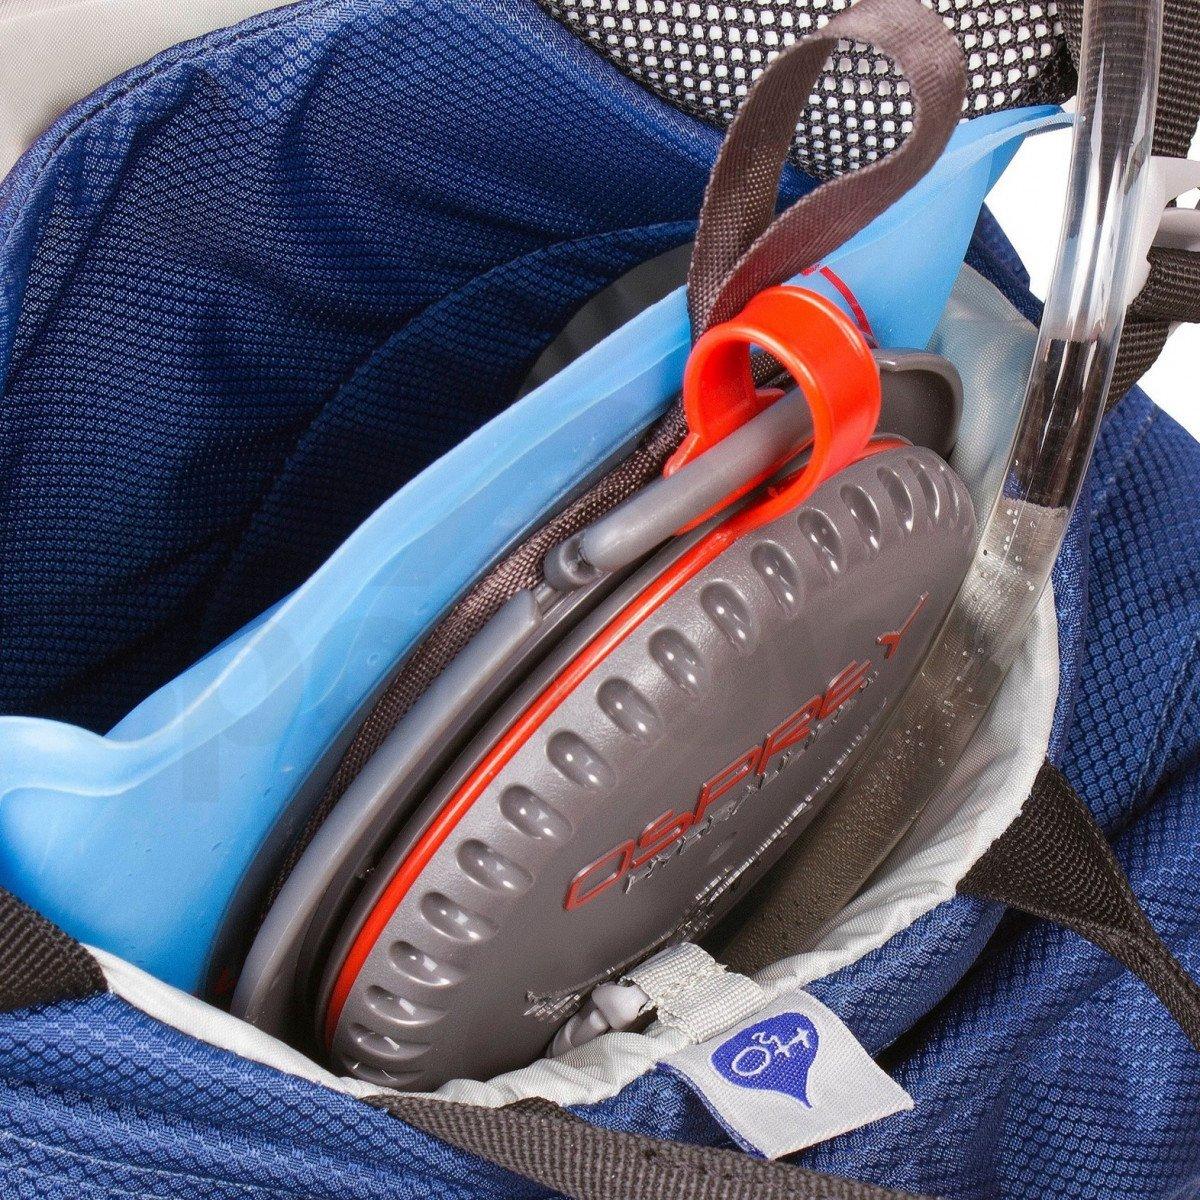 Batoh Osprey Escapist 32 - modrá